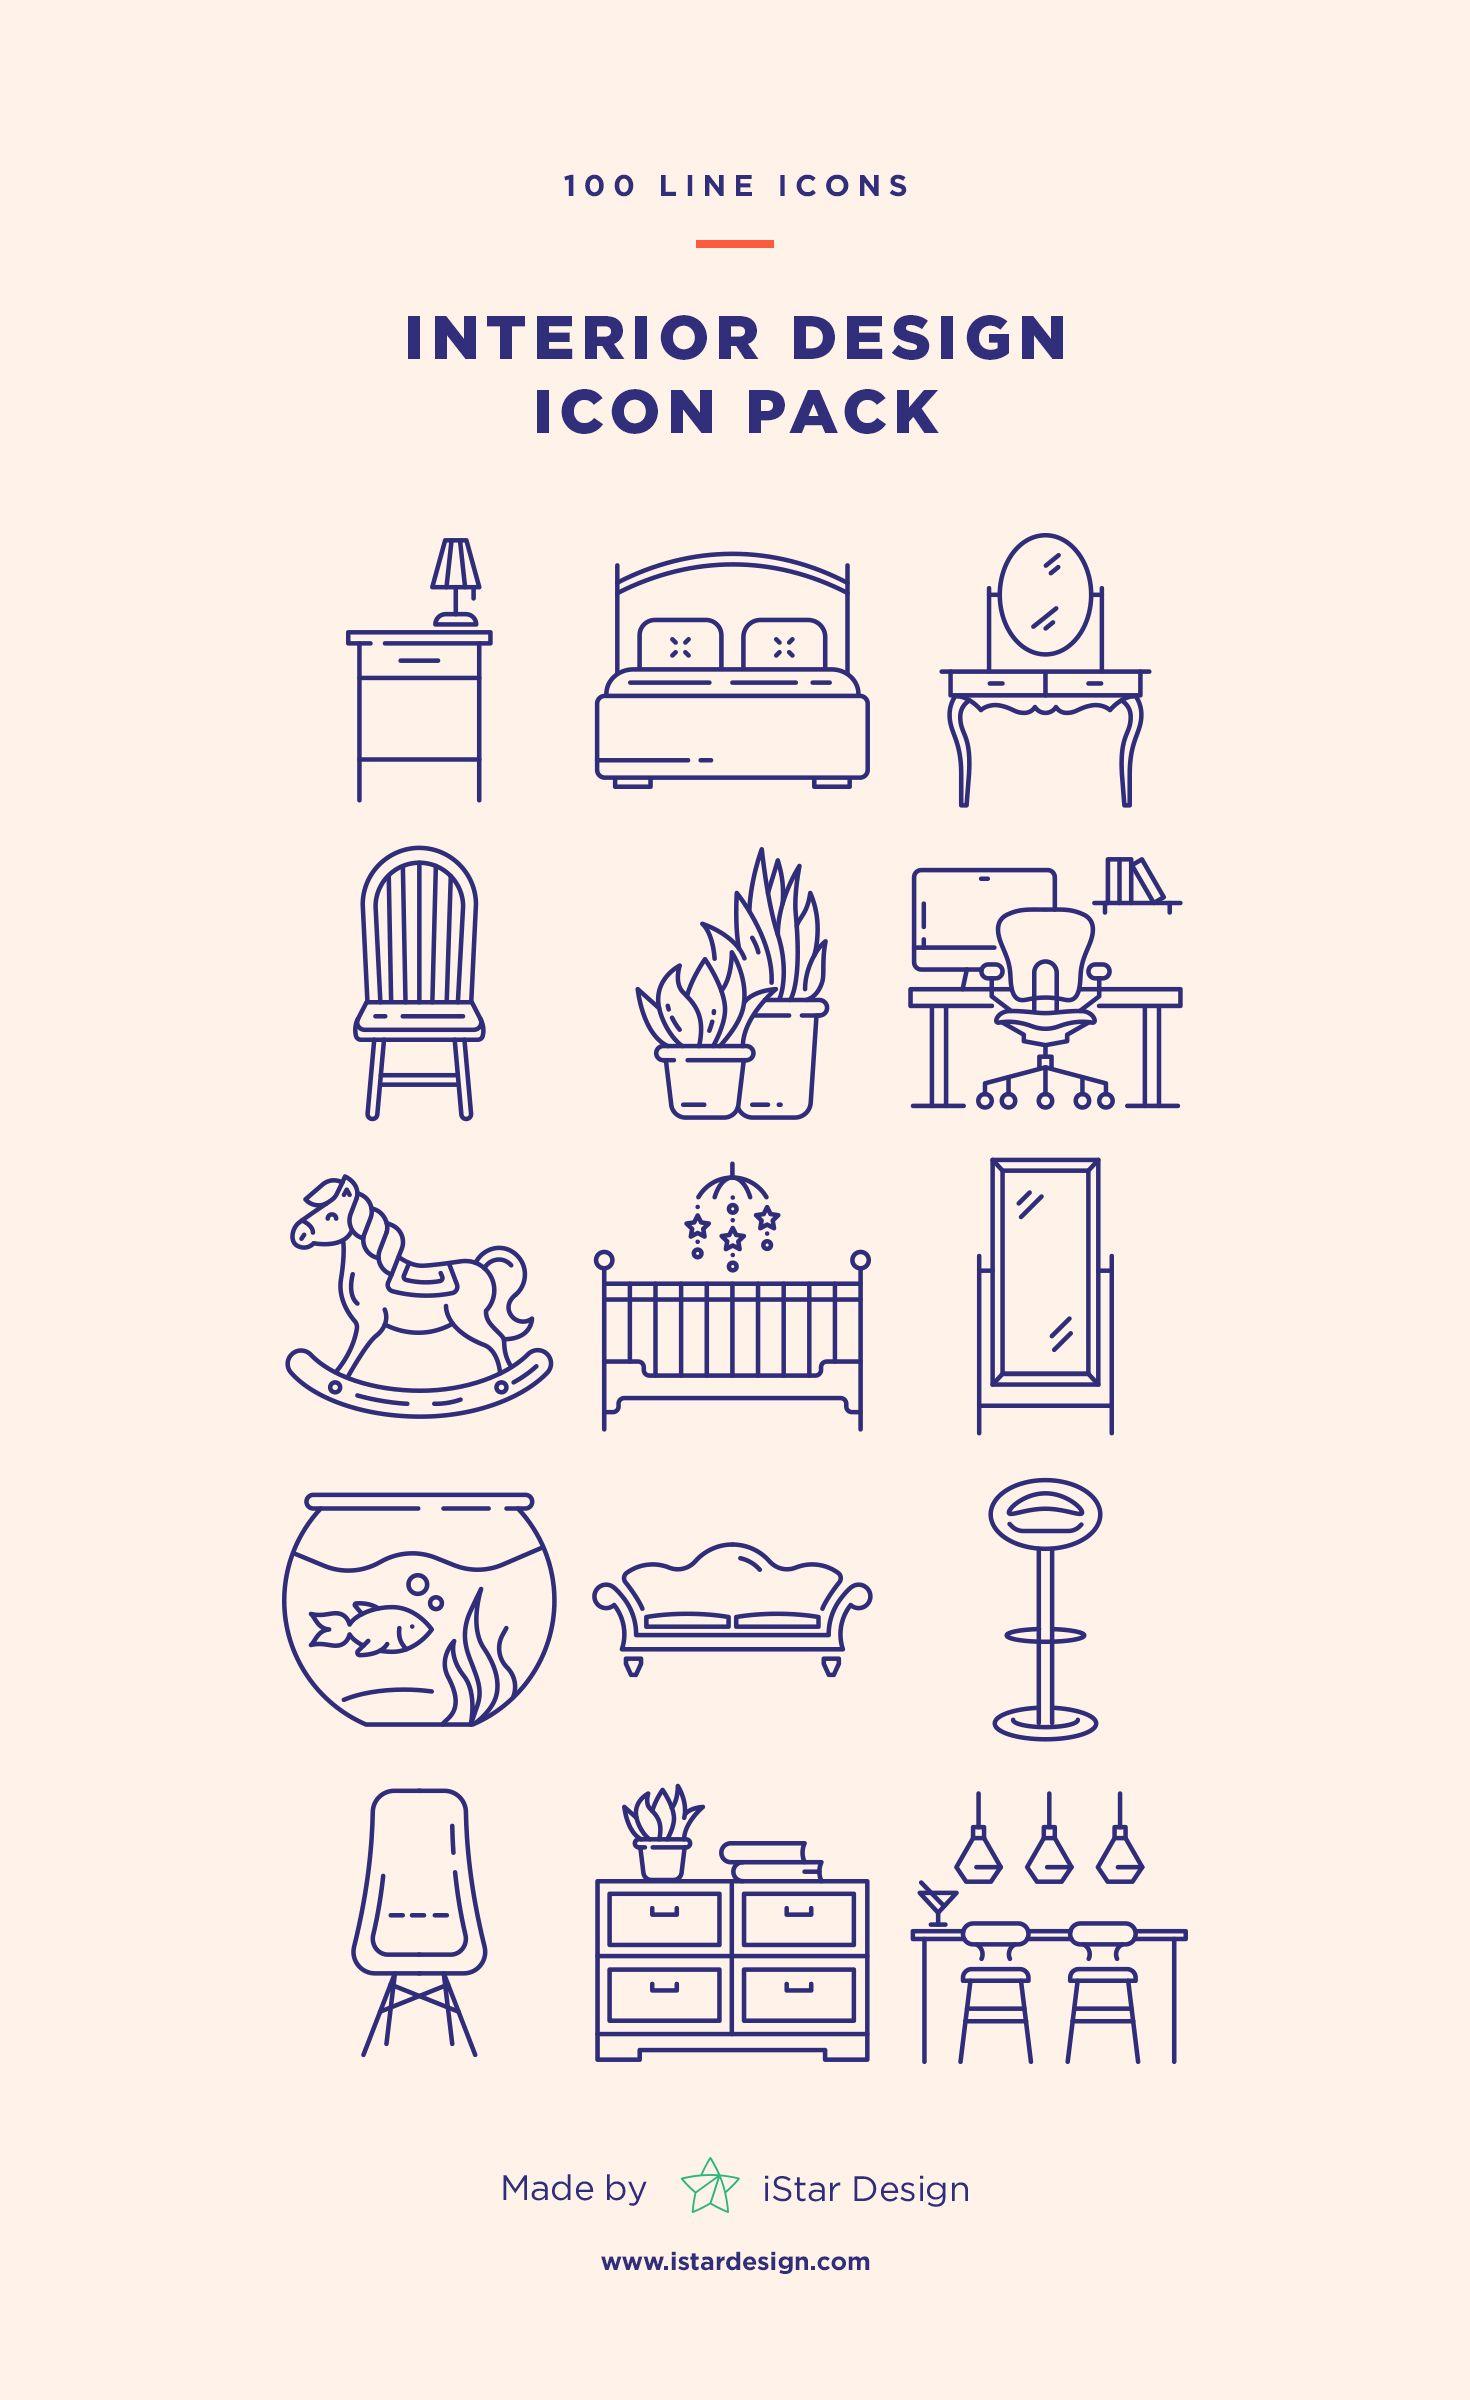 Interior Design Icons Set 画像あり アイコンデザイン ポスター